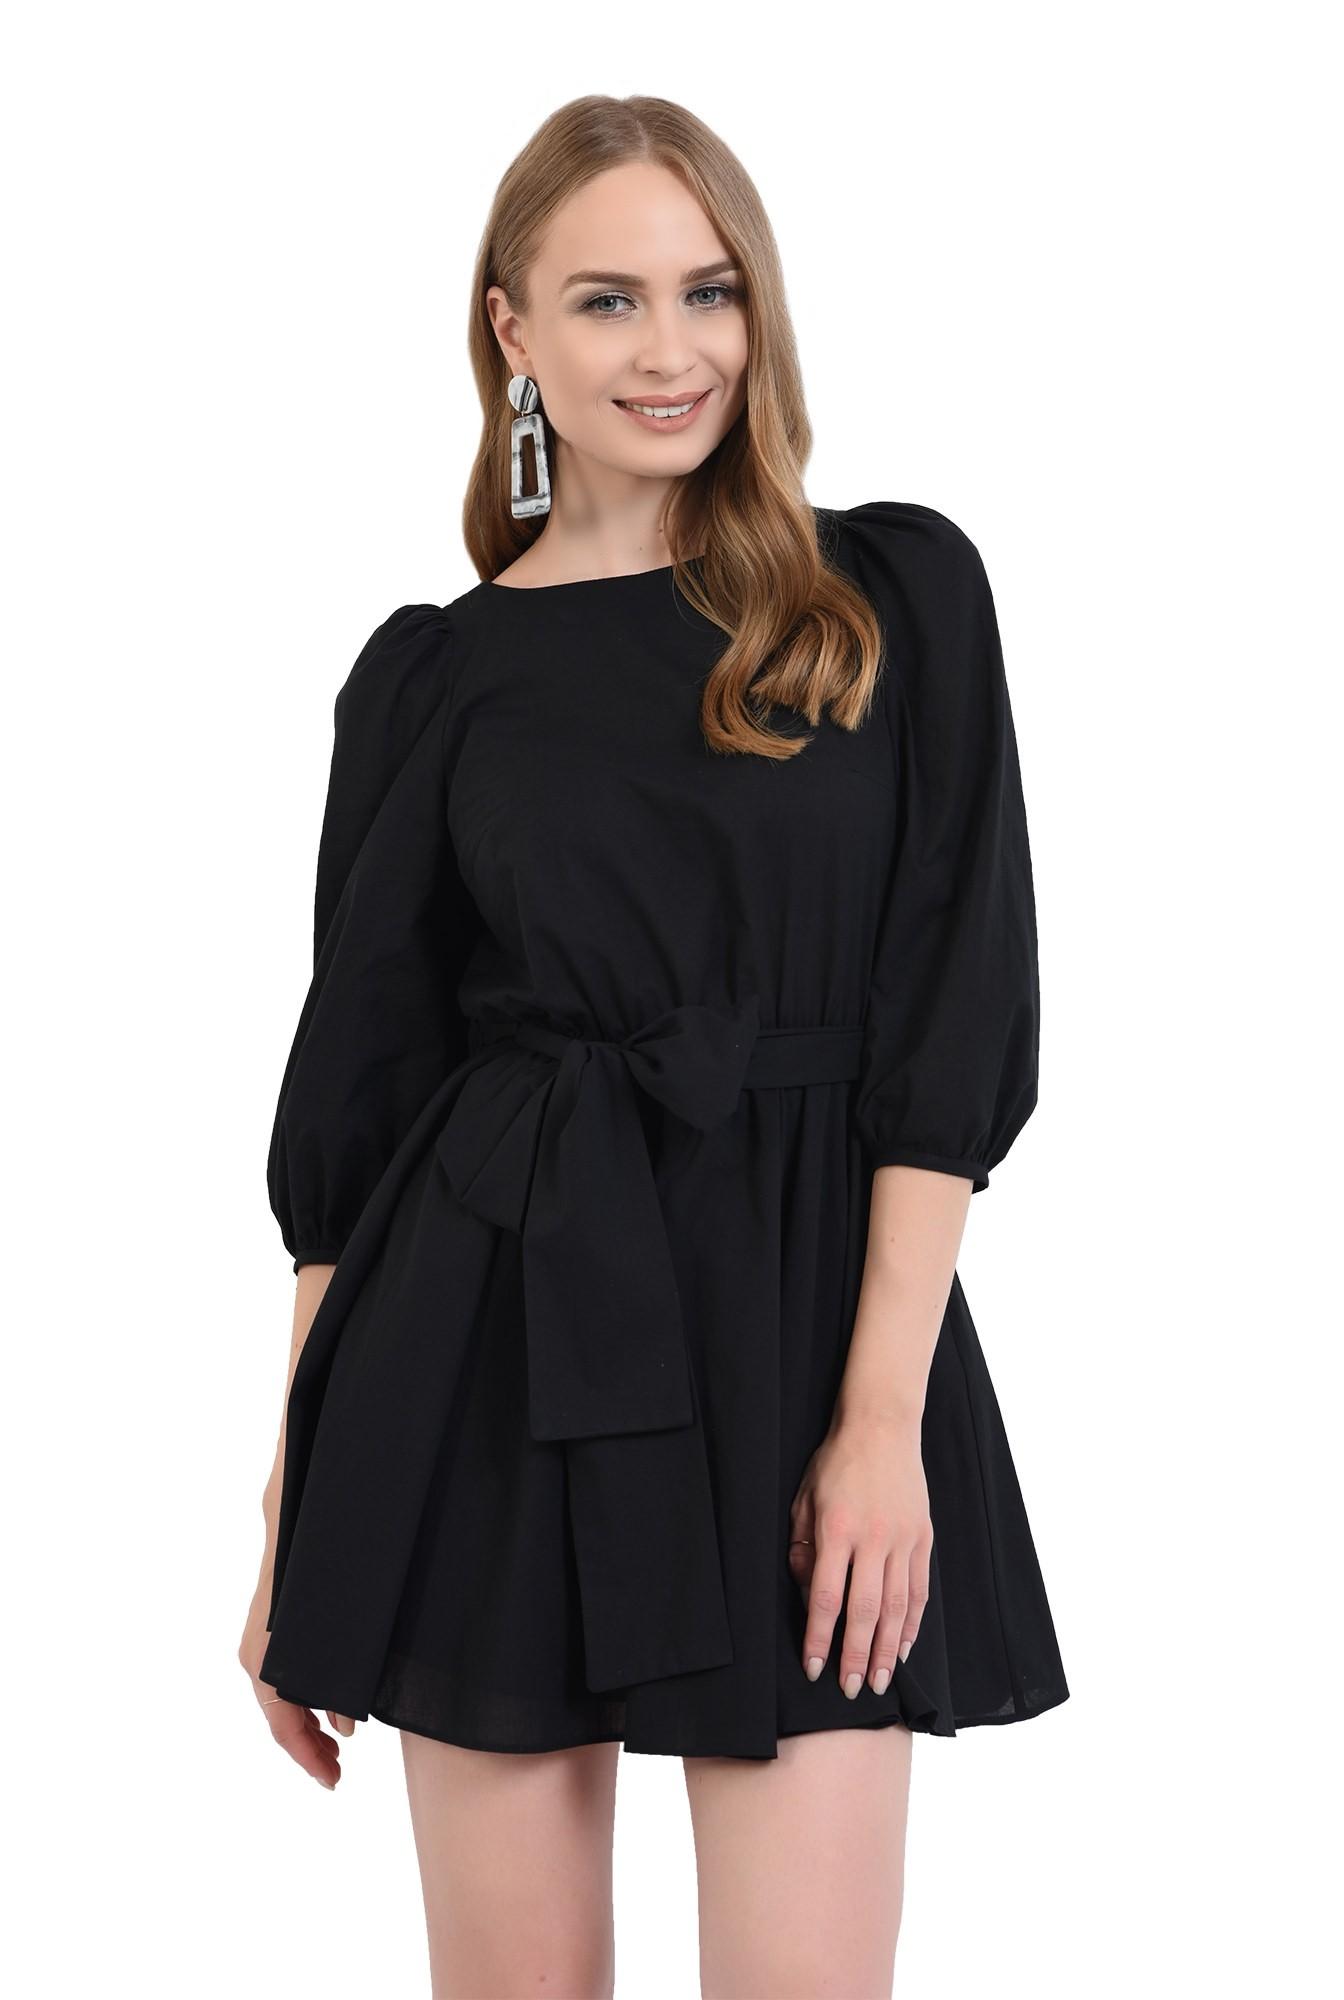 3 - 360 - rochie casual, clos, scurta, cu cordon, maneci bufante, neagra